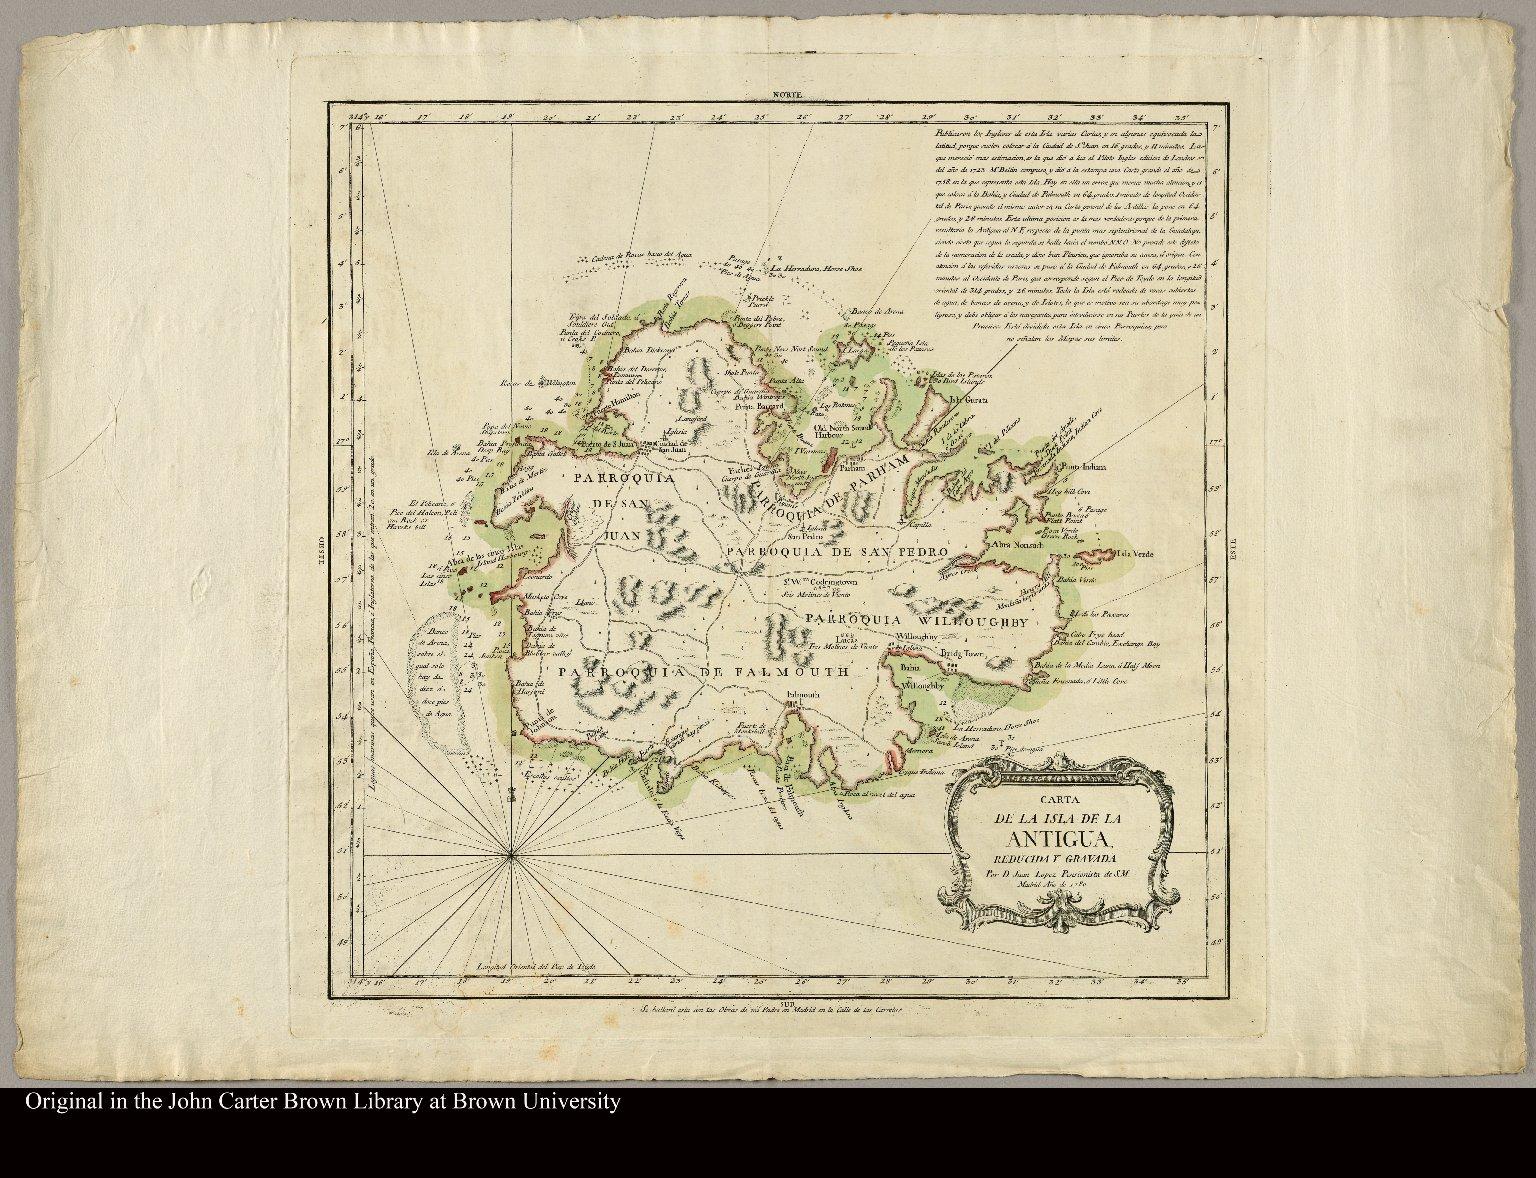 Carta de la isla de la Antigua reducida y gravada por D. Juan Lopez, Pensionista de S.M